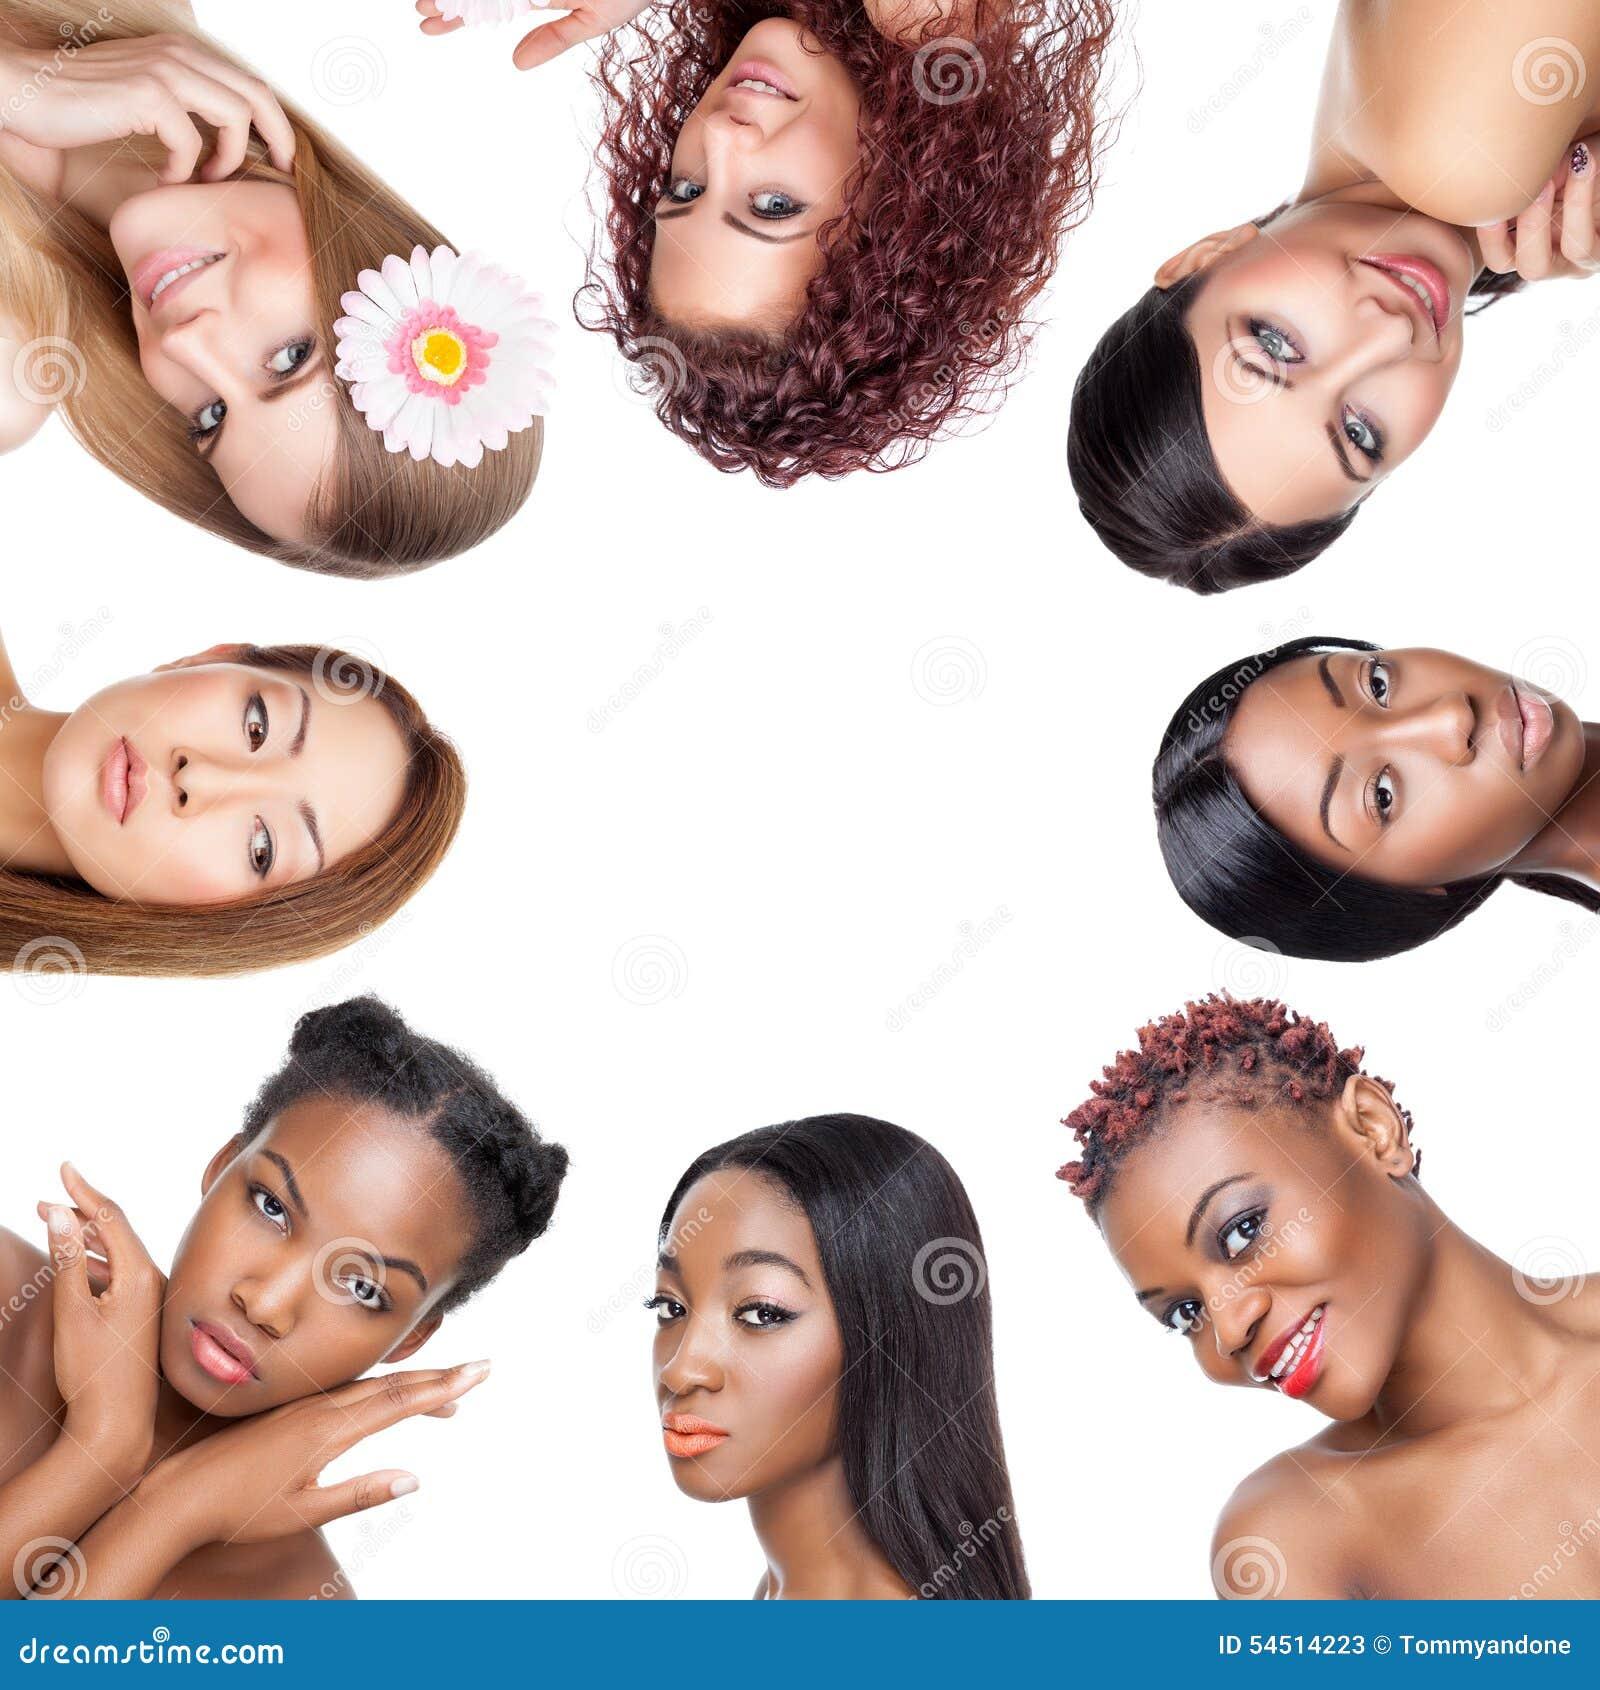 Colagem de portaits múltiplos da beleza das mulheres com vários tons de pele